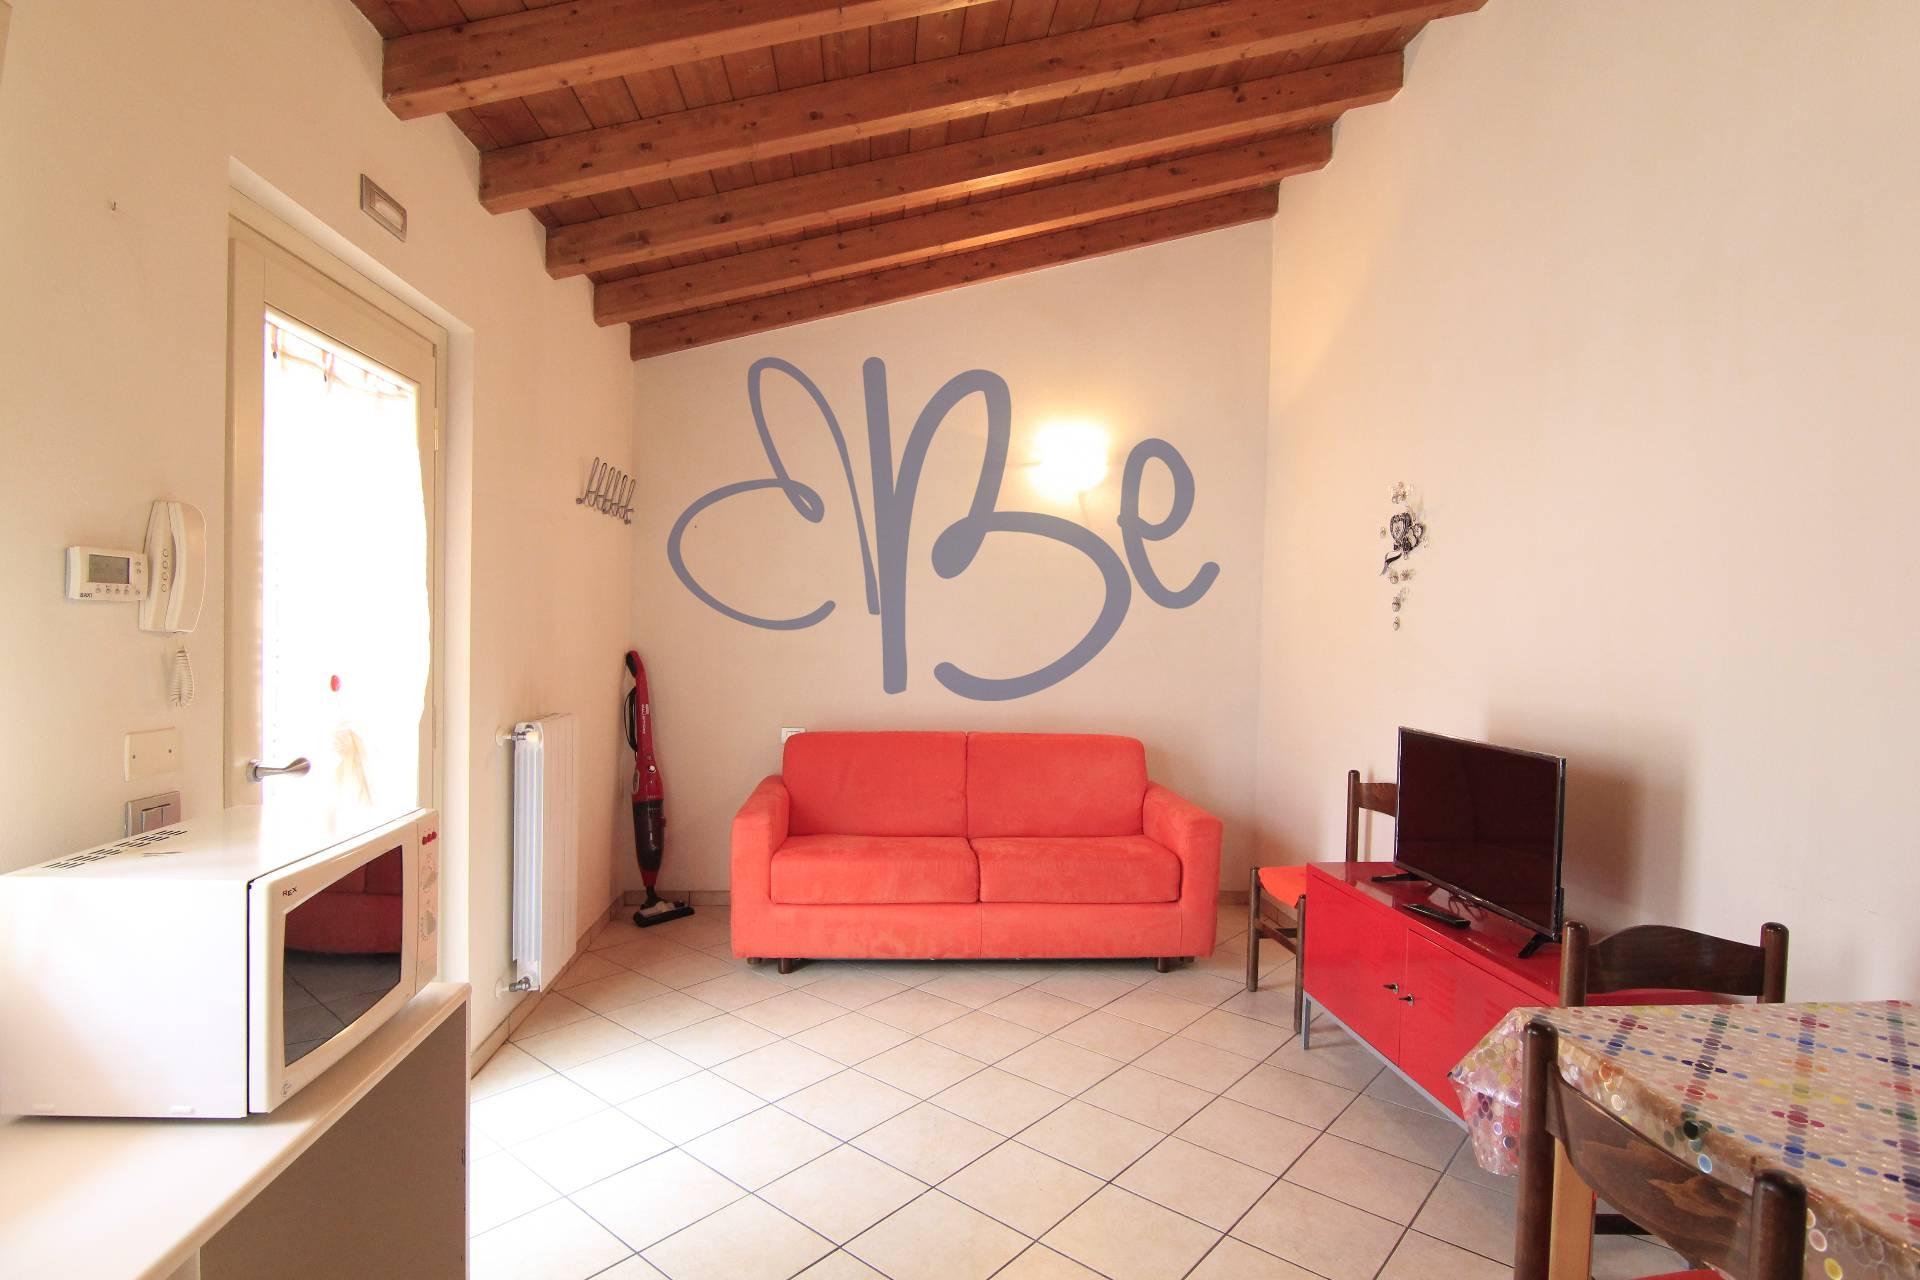 Appartamento in affitto a Toscolano-Maderno, 2 locali, zona Zona: Maderno, prezzo € 450 | Cambio Casa.it